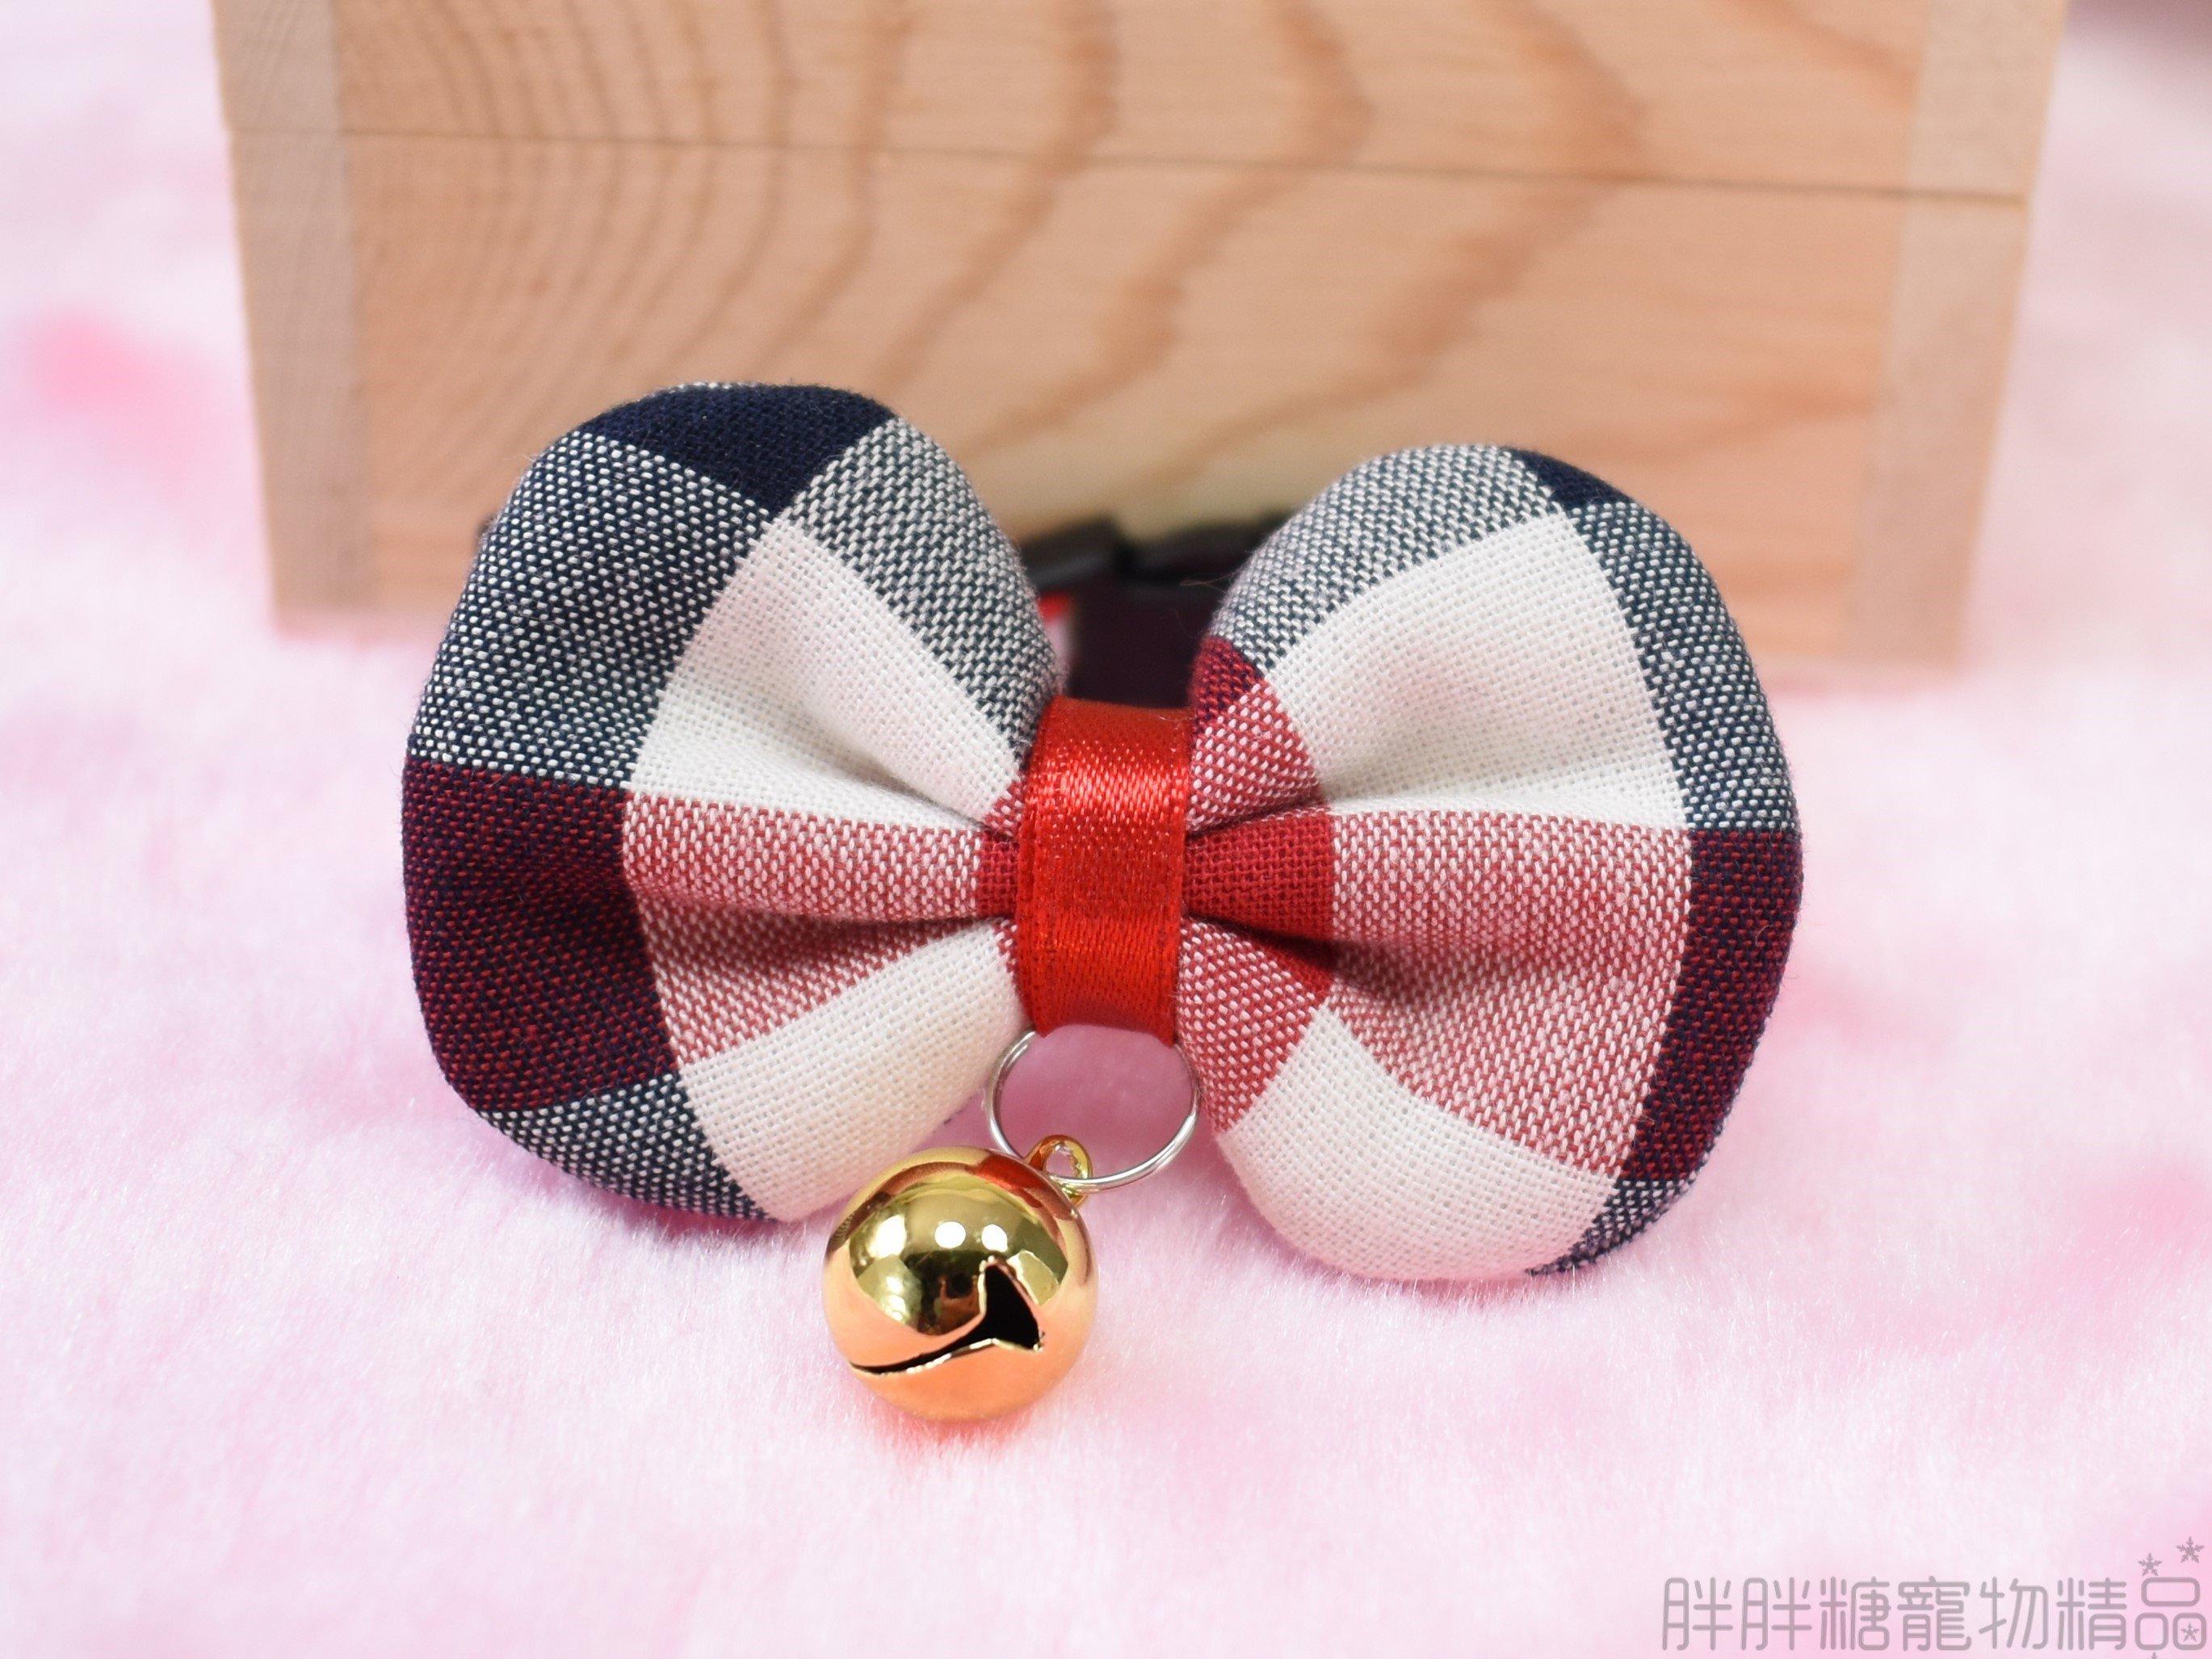 【胖胖糖】紅黑格子風領結項圈(XS號)-寵物項圈 安全扣 可伸縮 MIT  小型犬 貓項圈 狗項圈 頸圈